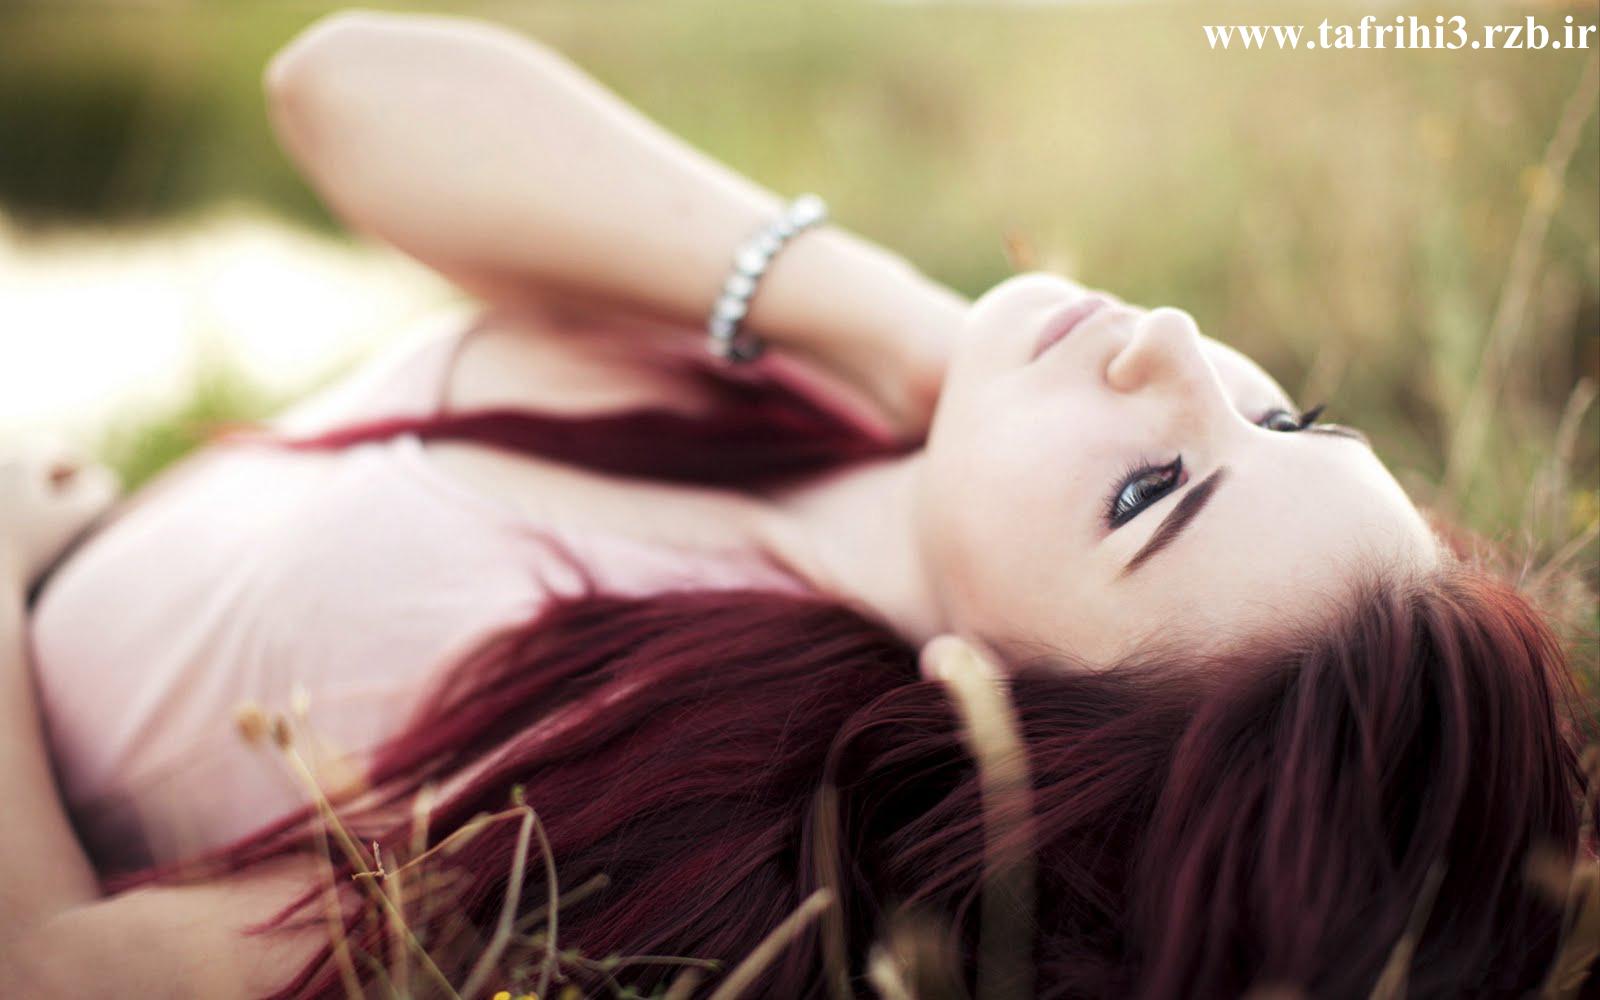 عکس های احساسی و زیبای دختران تنها